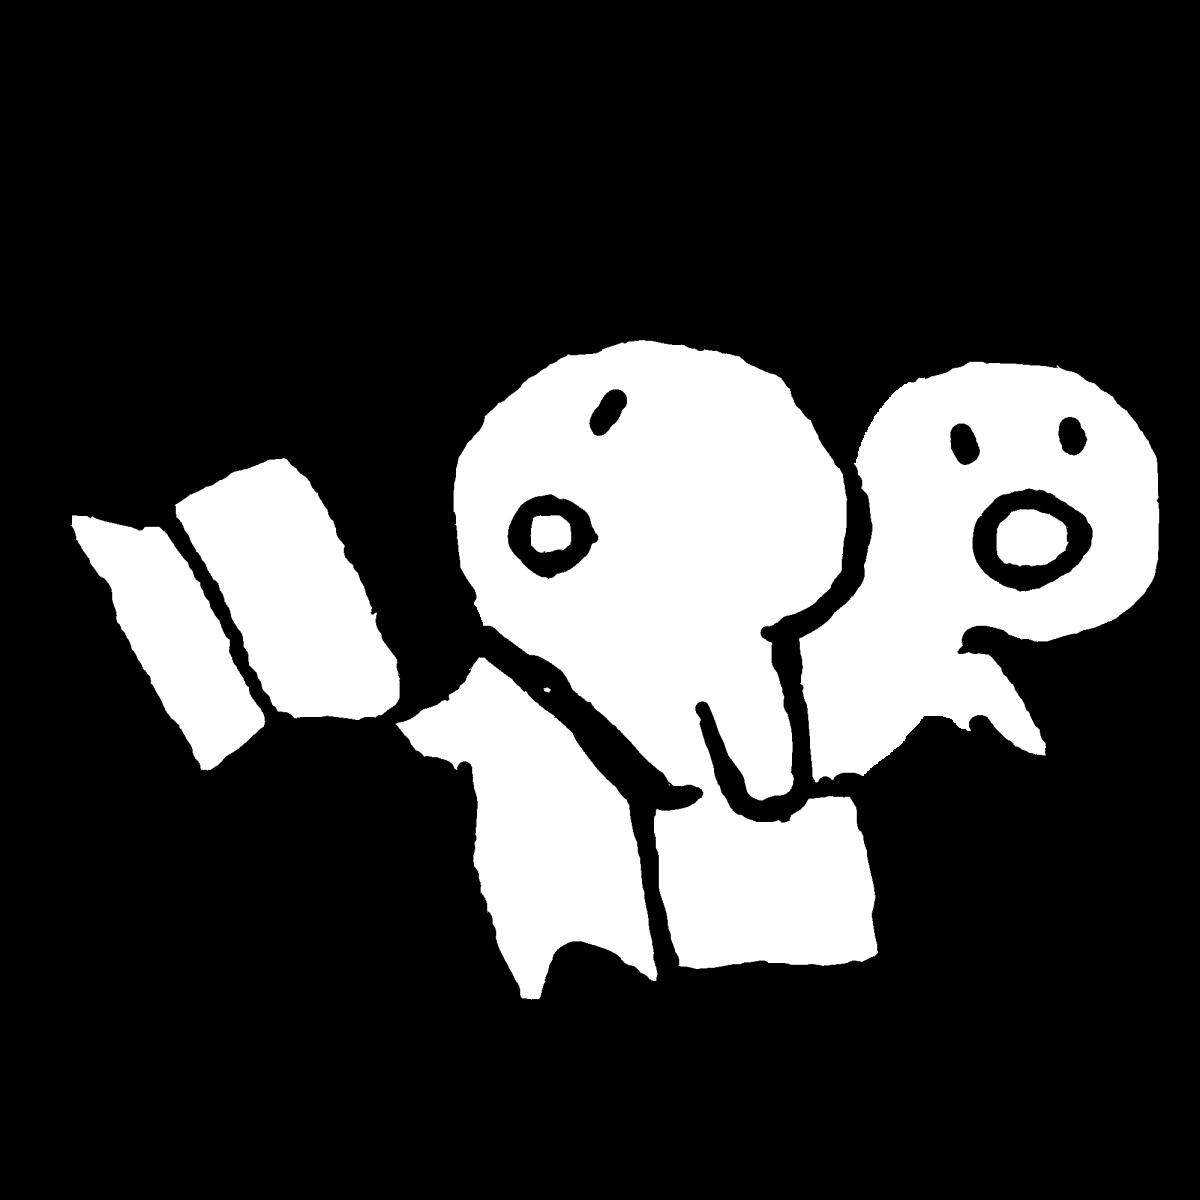 紙を持って迷う2のイラスト / Getting lost with paper3 Illustration